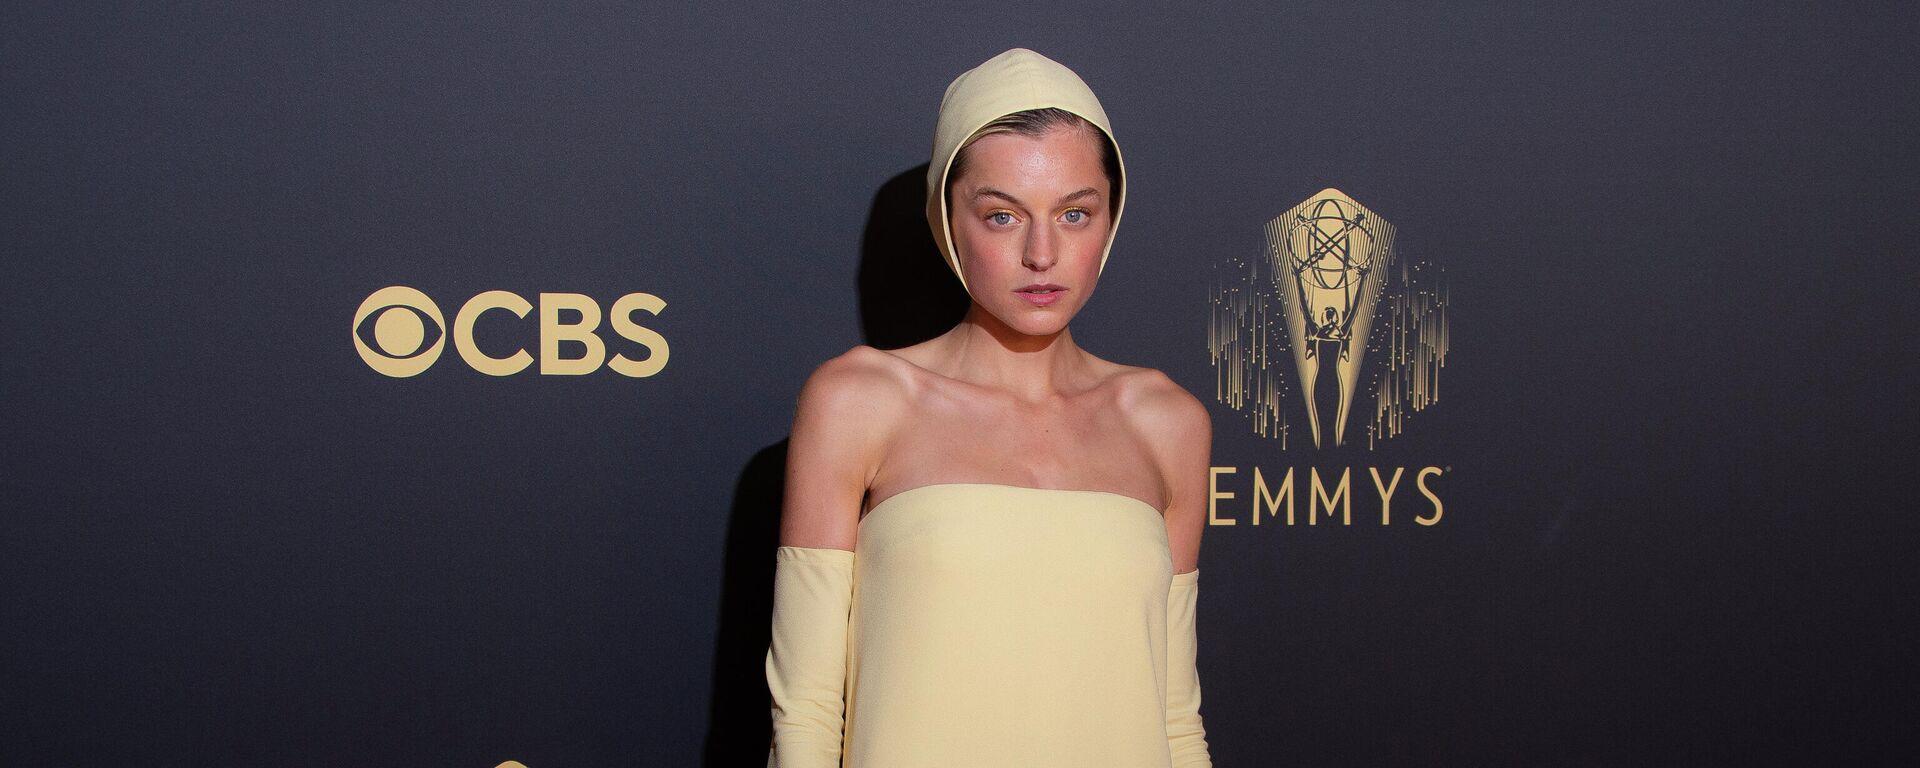 Englische Schauspielerin Emma Corrin bei Emmy Awards 2021 - SNA, 1920, 21.09.2021